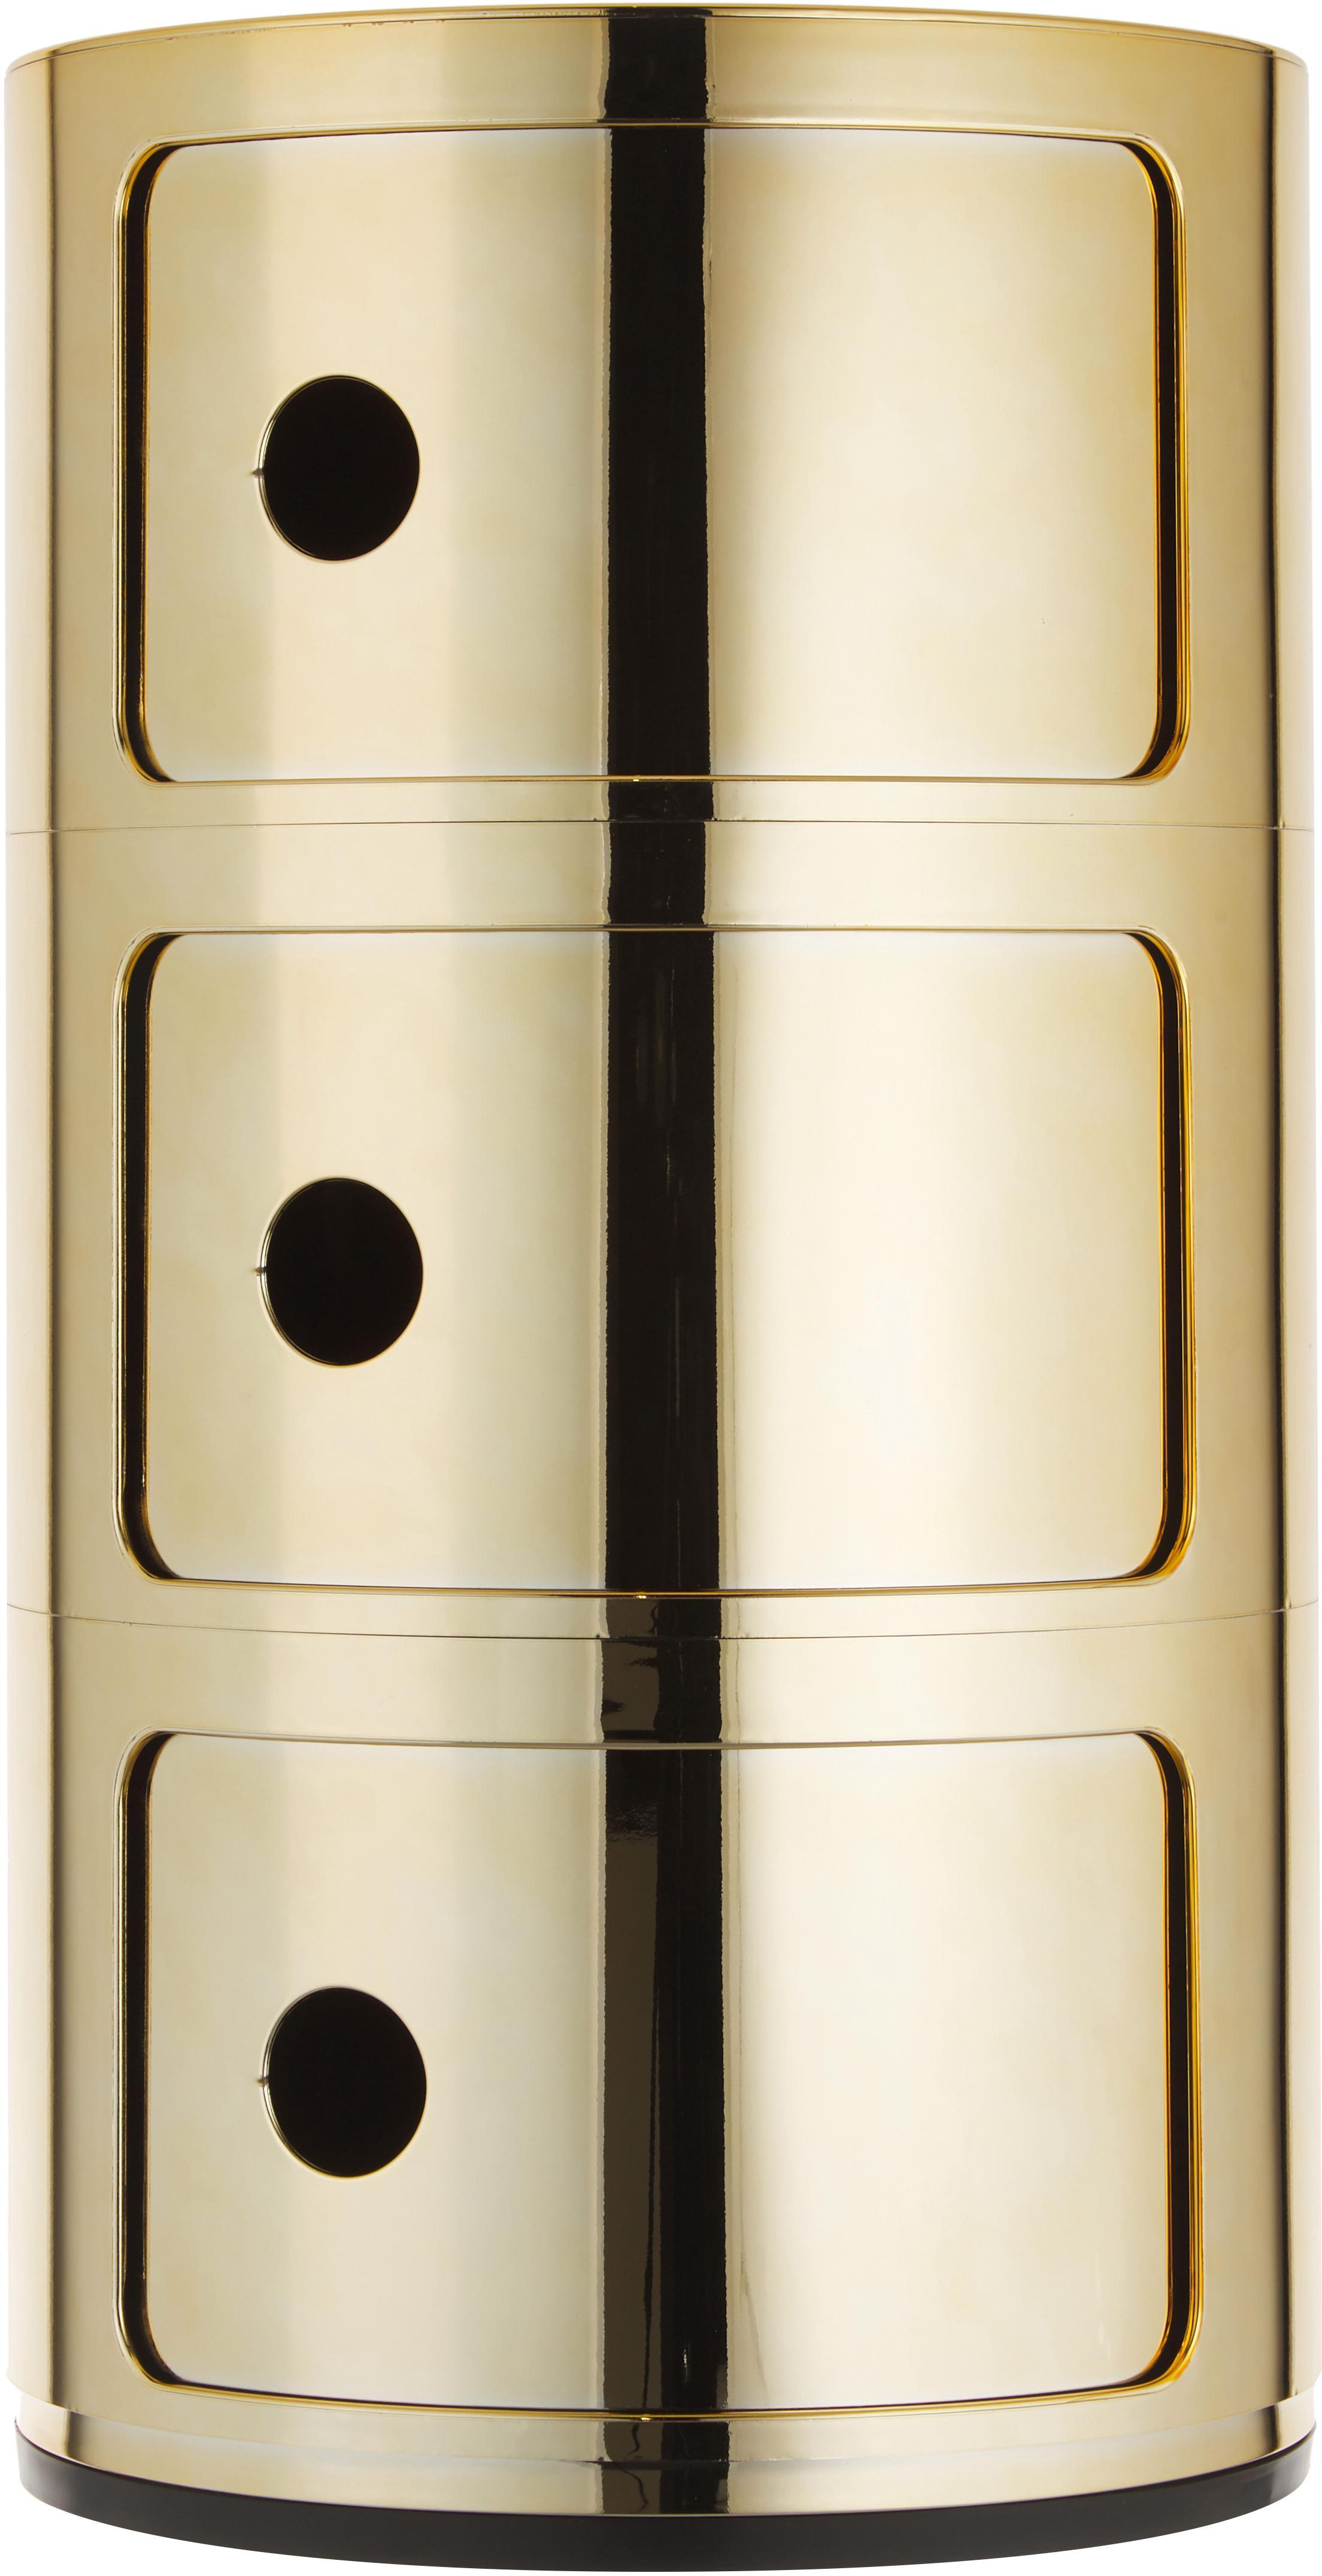 Bijzettafel Componibile, Metallic gecoat kunststof, Goudkleurig, Ø 32 x H 59 cm